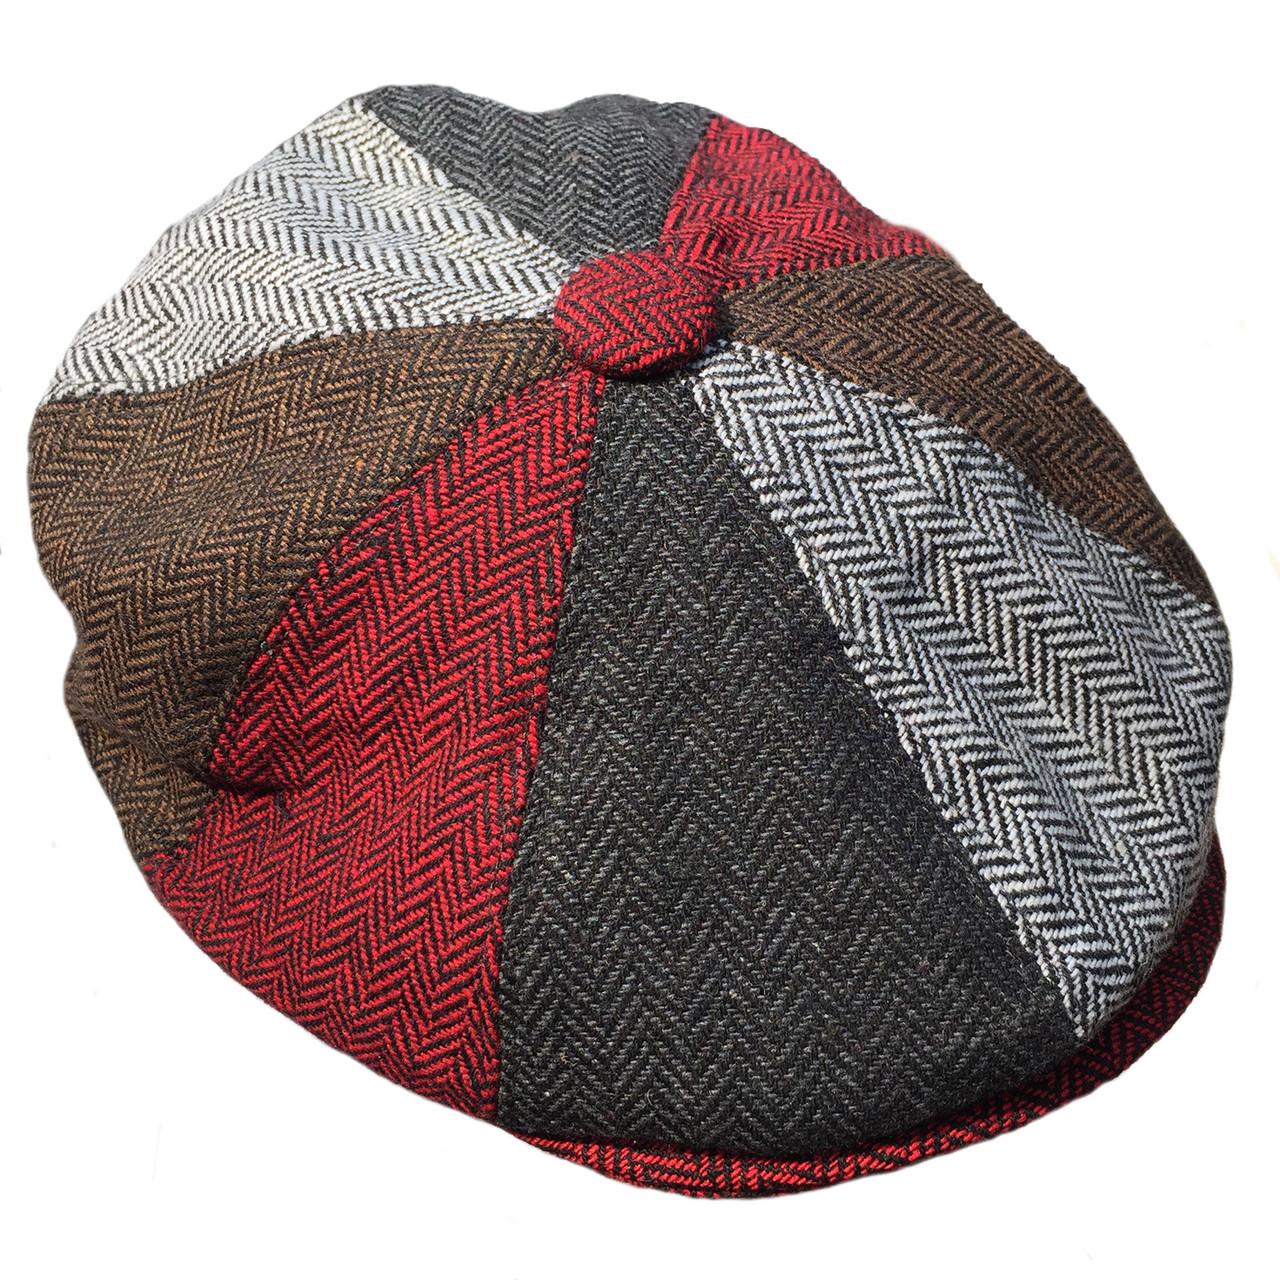 ORIGINAL G   H Multicoloured Patchwork Herringbone Newsboy Cap  2493c408fb4